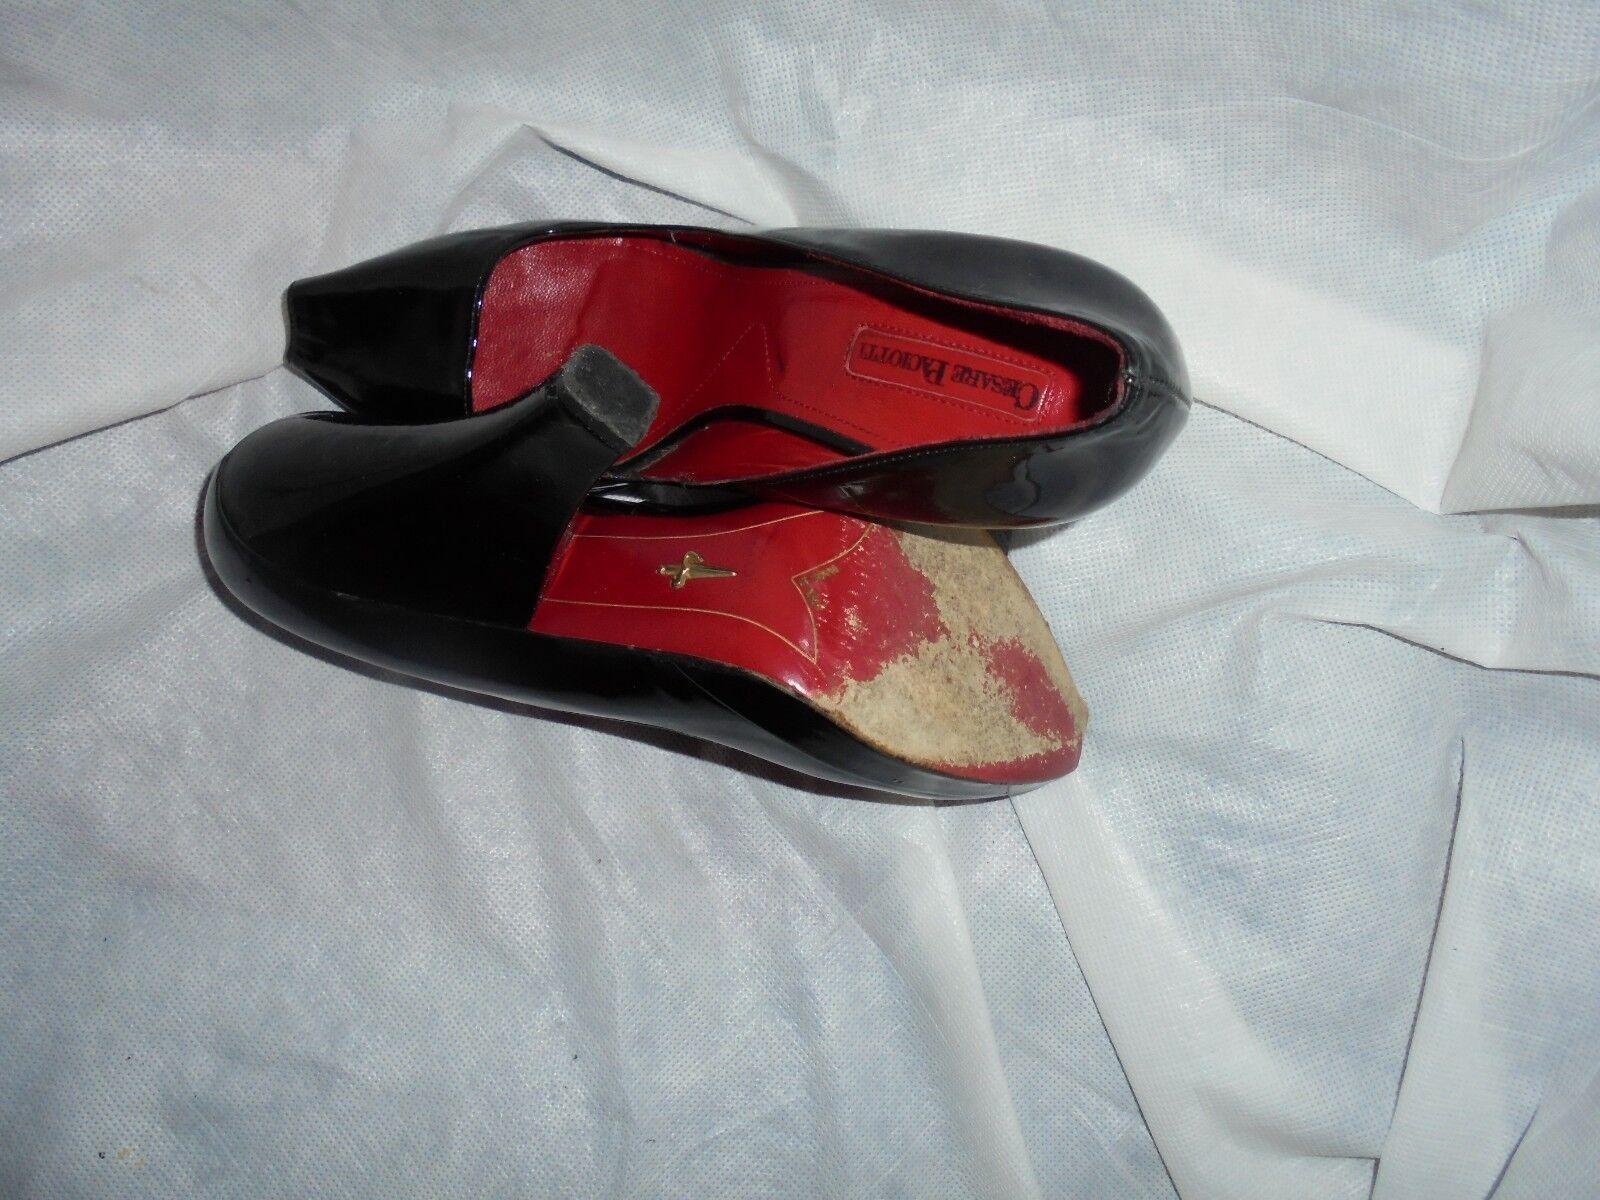 CESARE WOMEN PACIOTTI WOMEN CESARE BLACK LEATHER SLIP ON PEEP TOE Schuhe SIZE UK 6 EU 39 VGC 932897